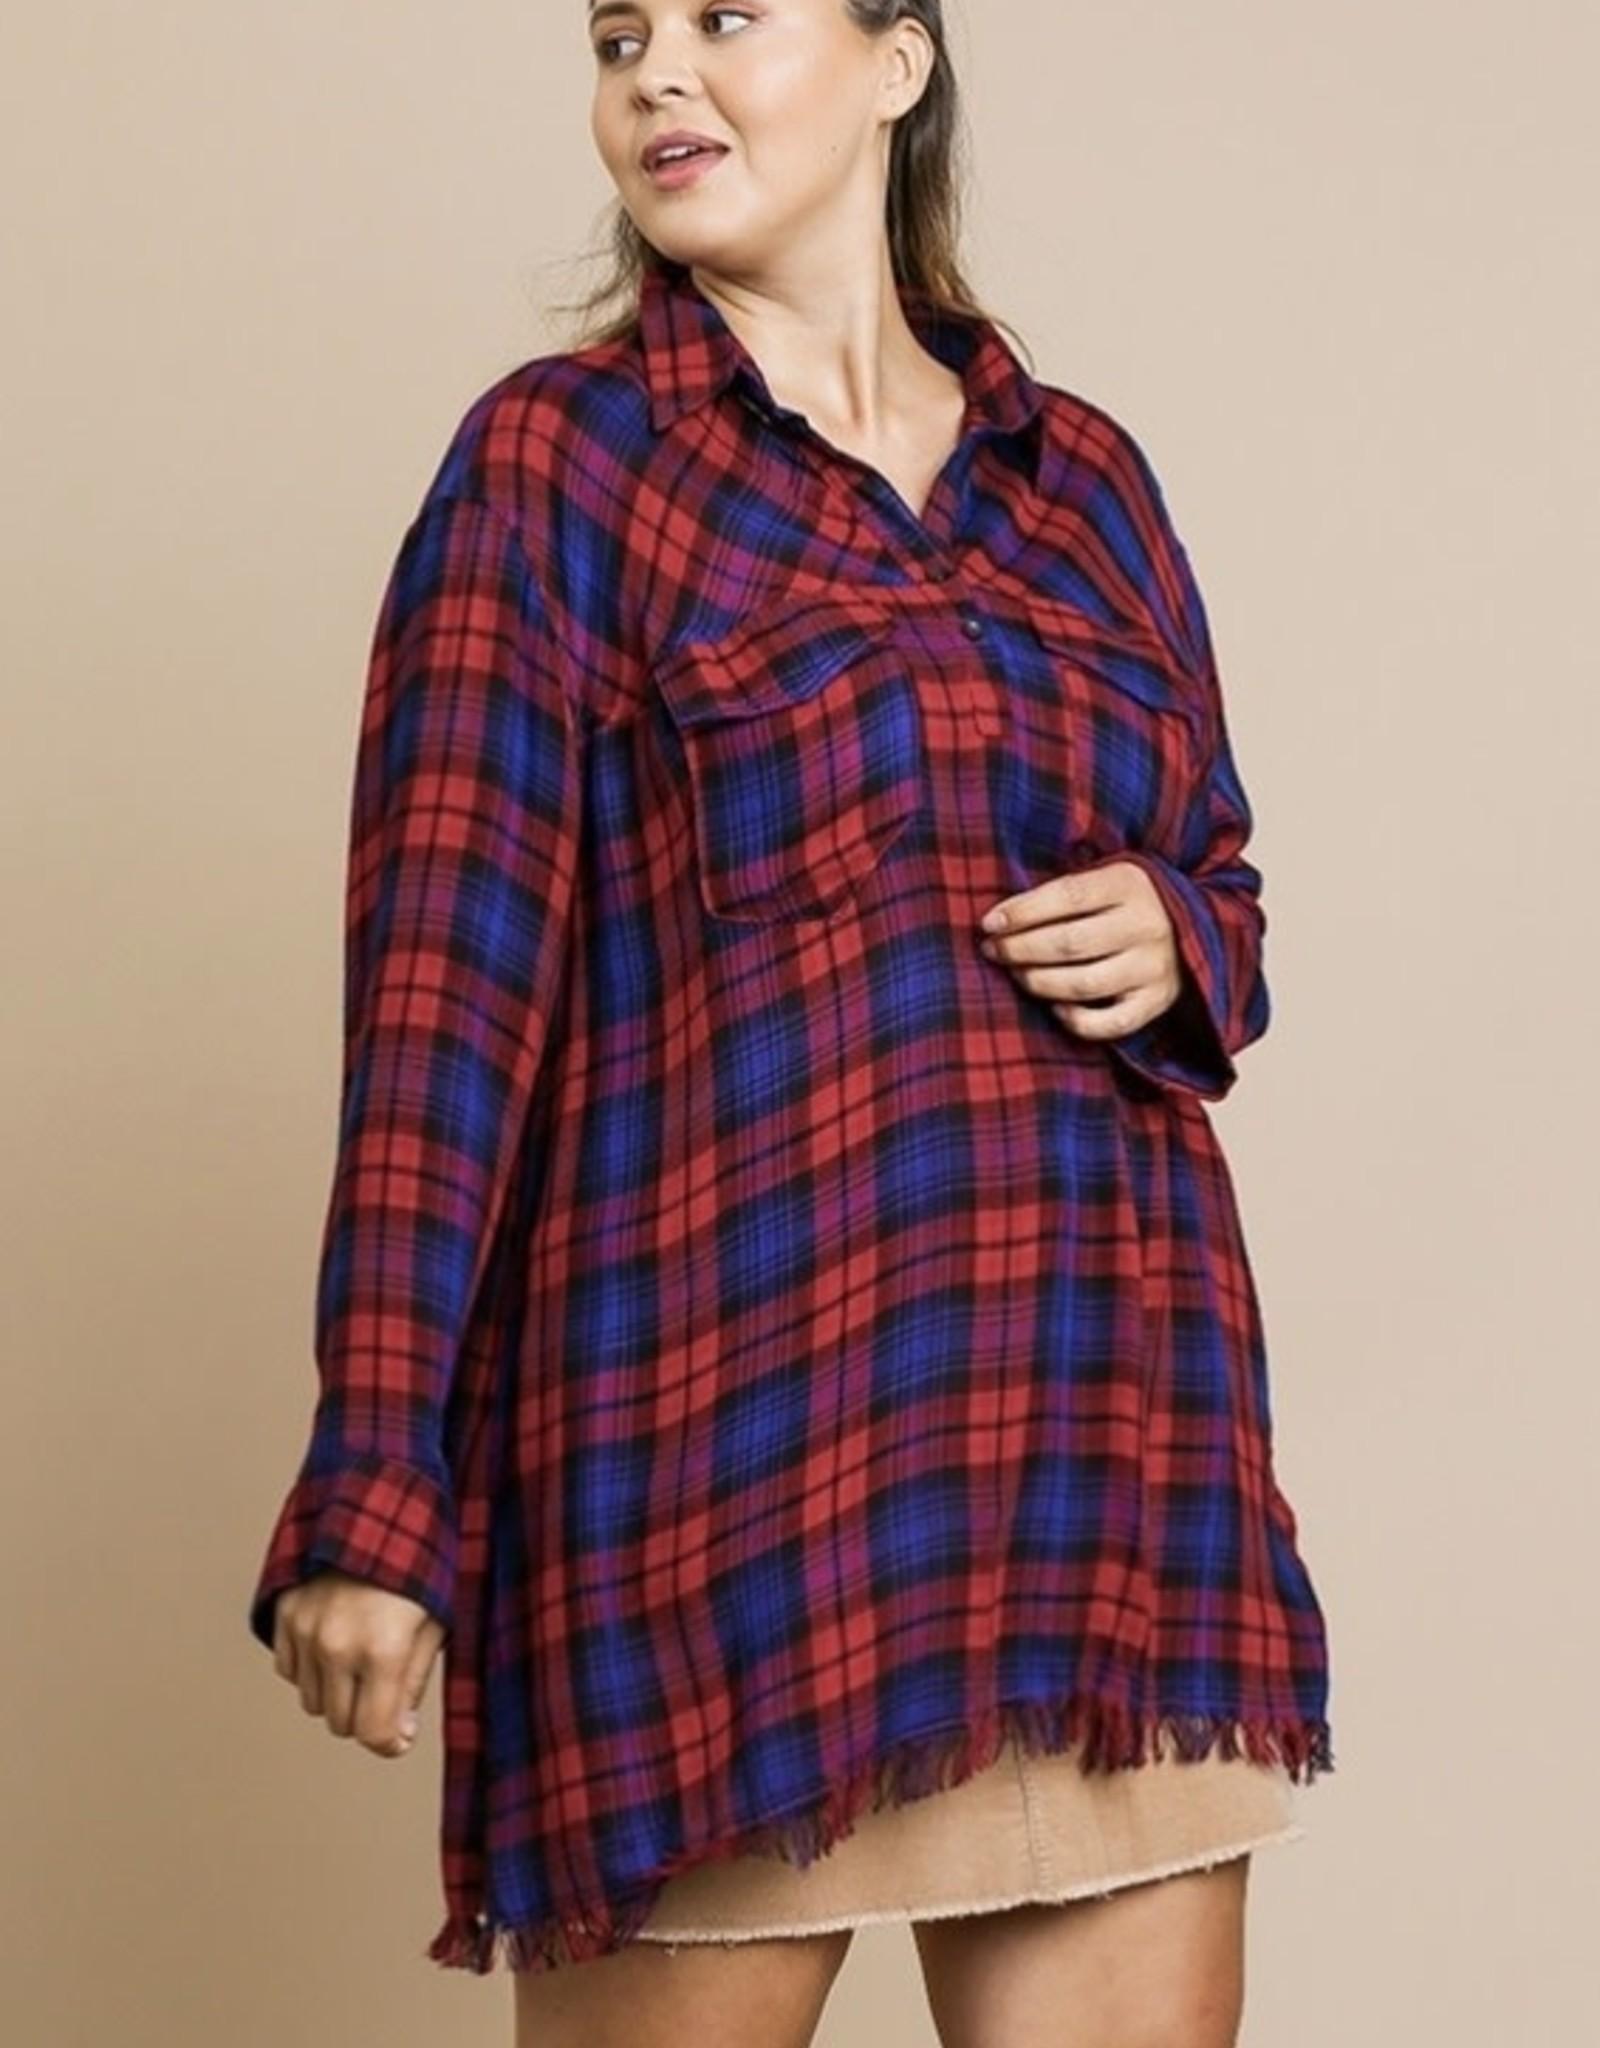 Cozy plaid tunic